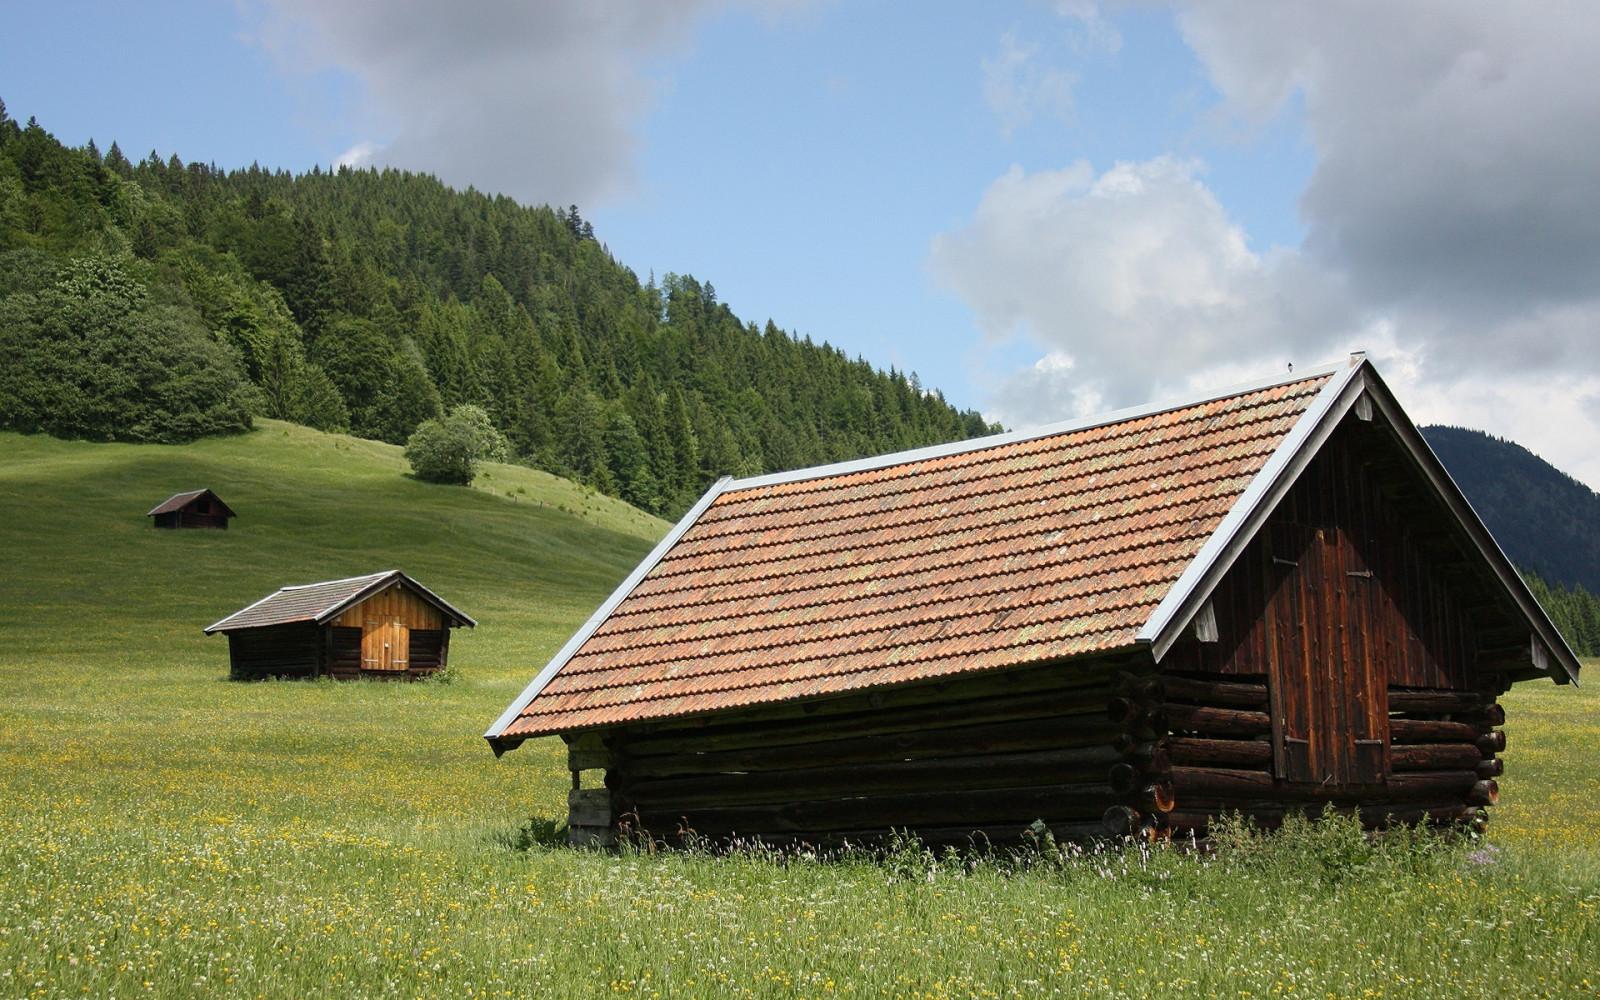 картинки с деревянным домиком на обои весь день